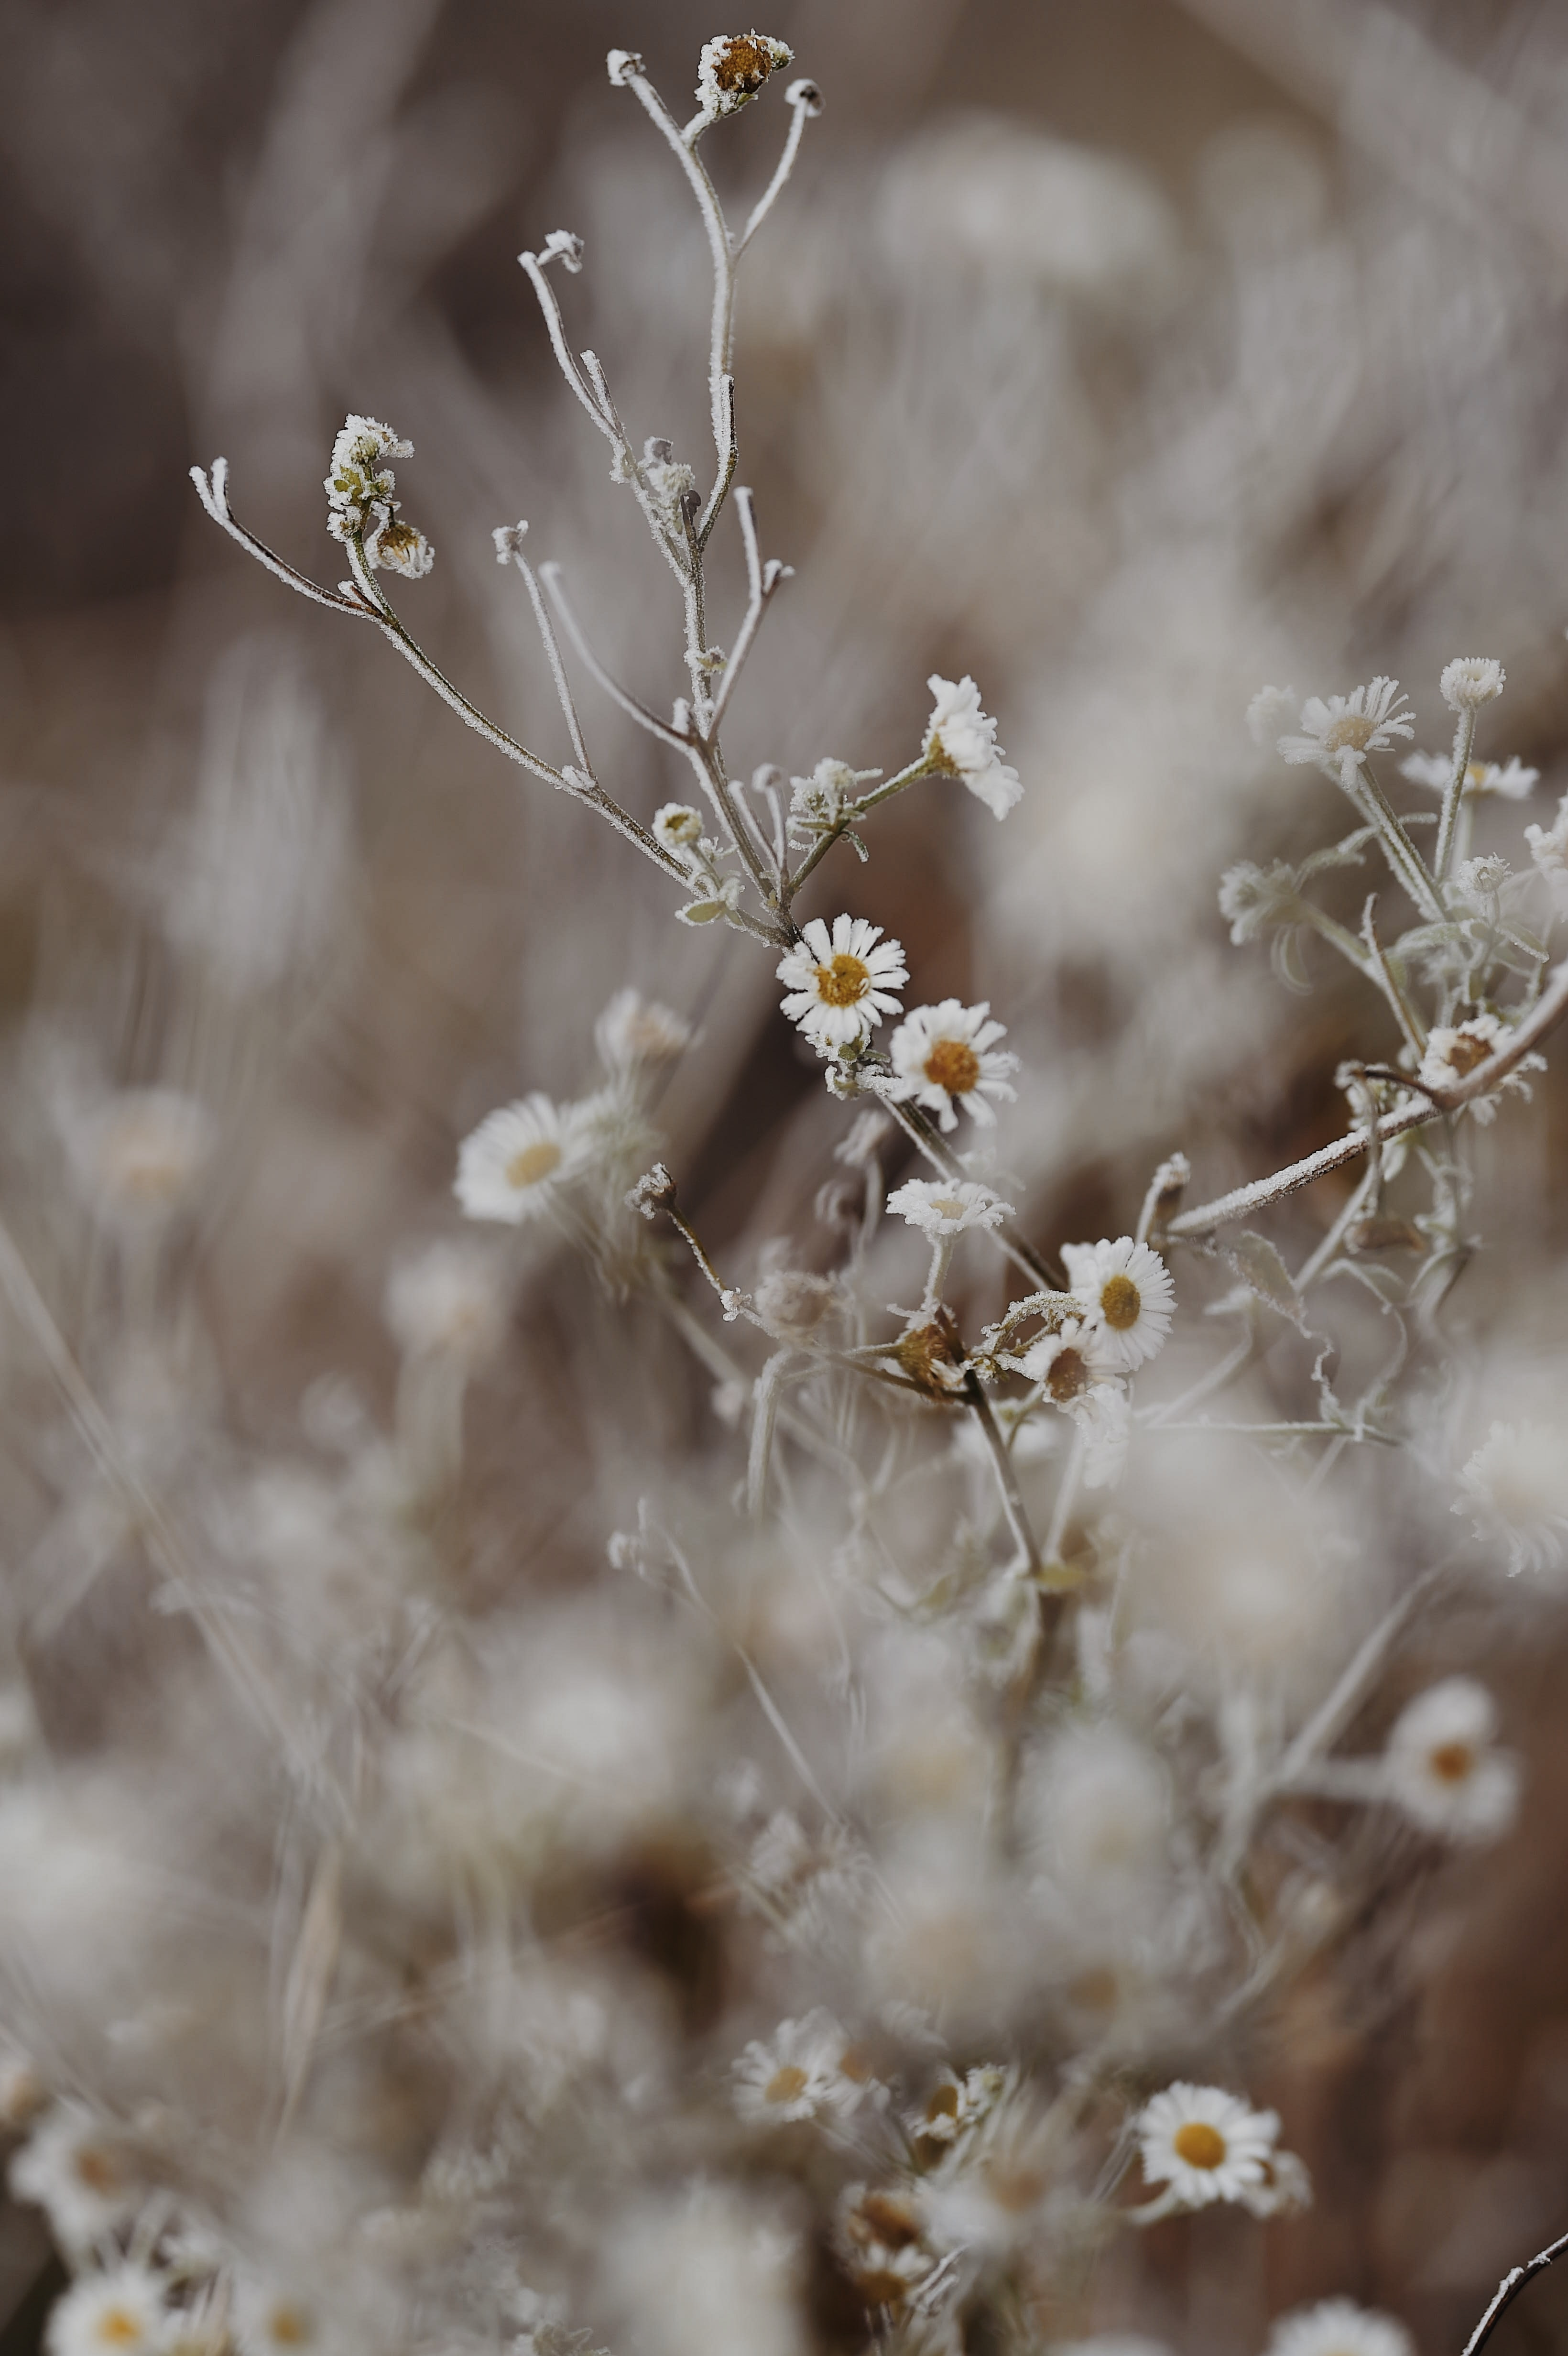 82898 Заставки и Обои Ромашки на телефон. Скачать Ромашки, Иней, Цветы, Растение, Макро картинки бесплатно